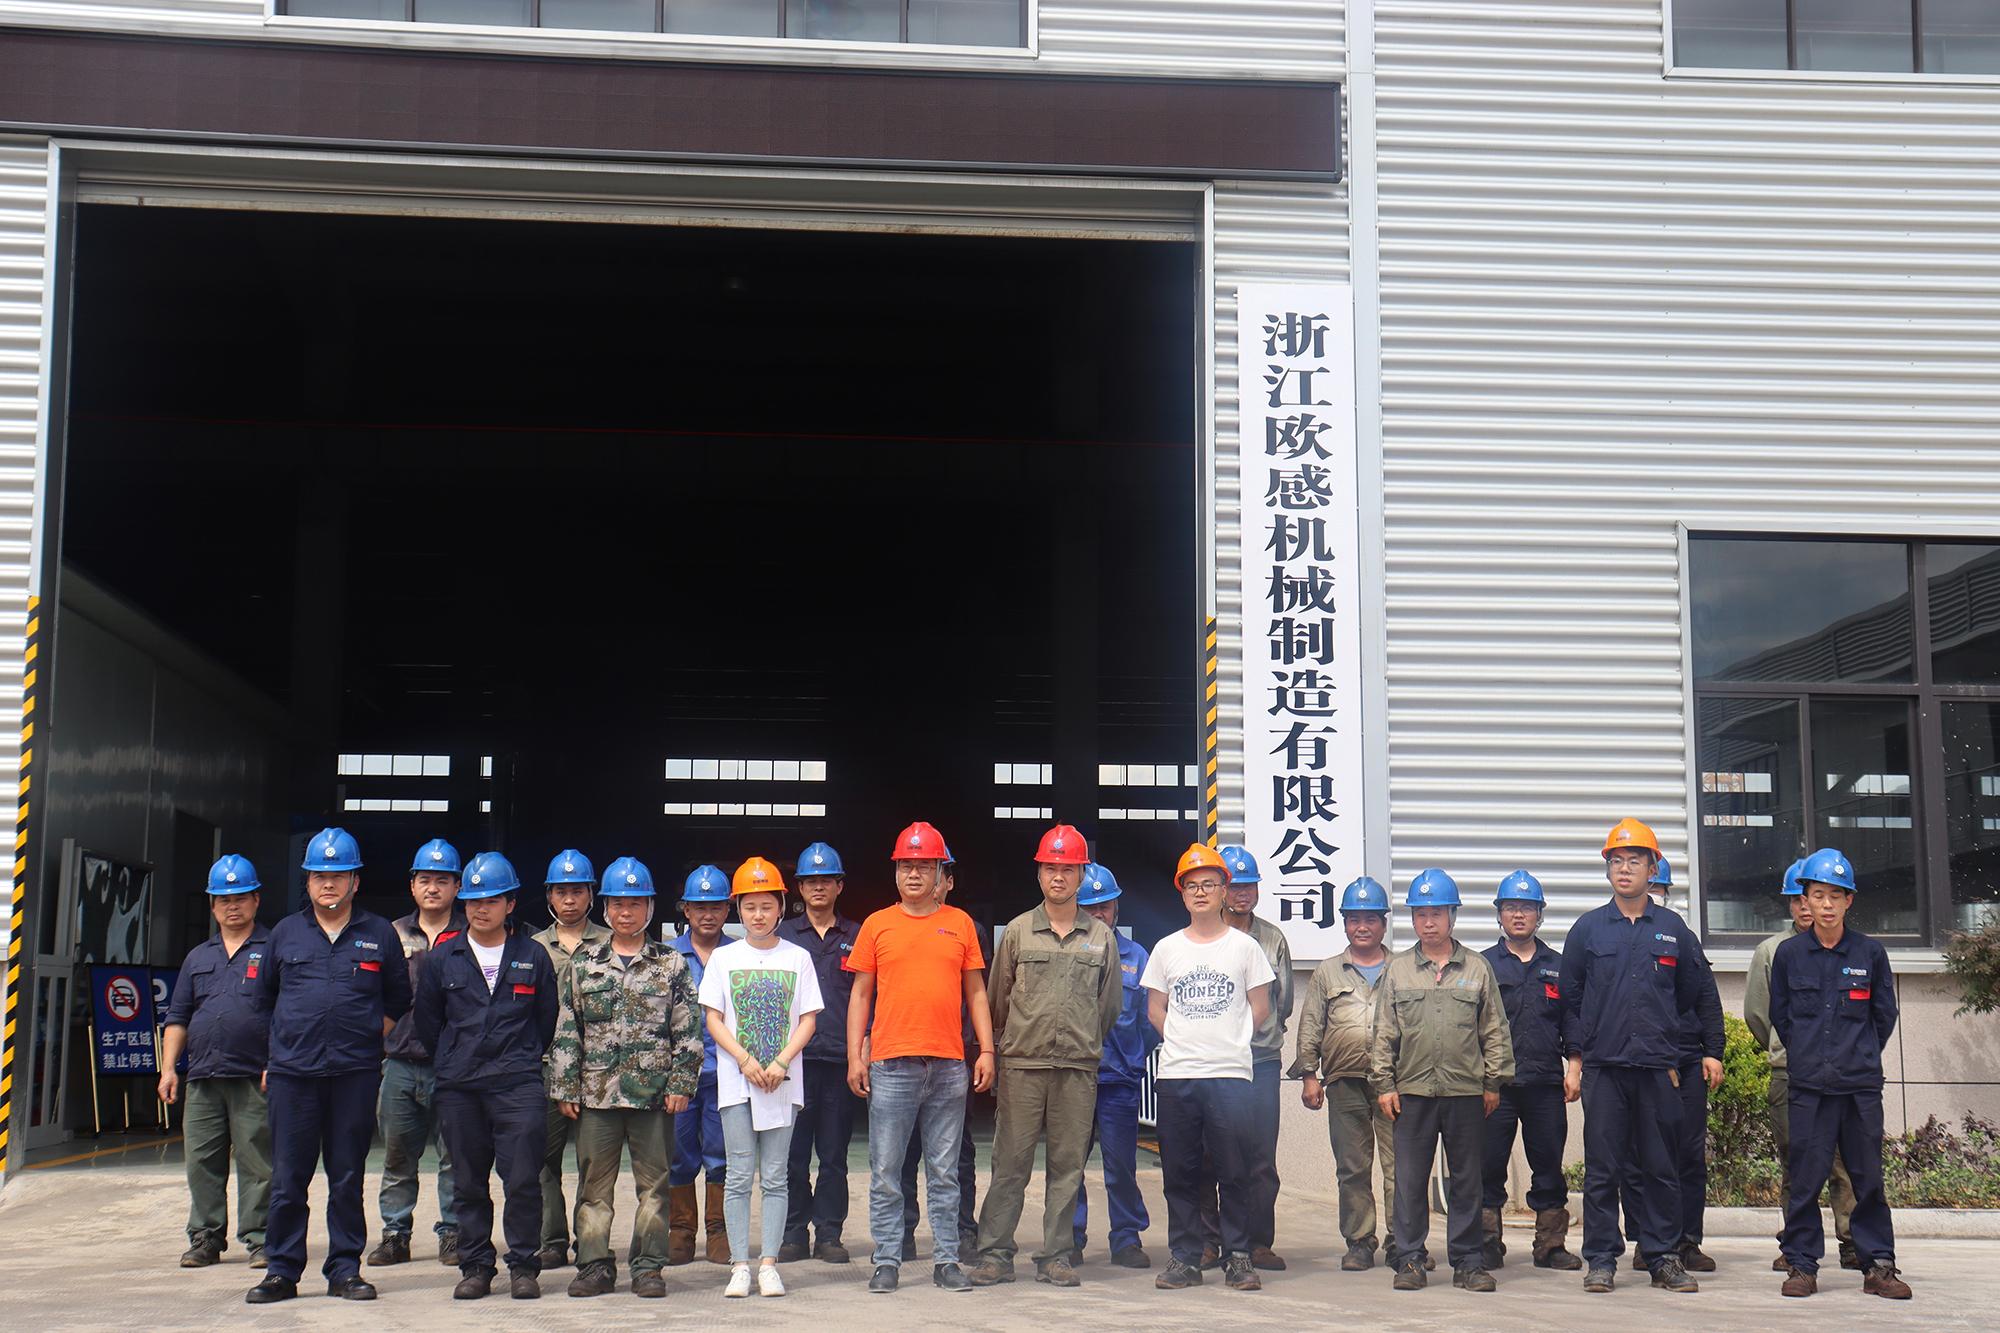 安全生产| 欧感生产部开展消防安全培训及消防应急演练